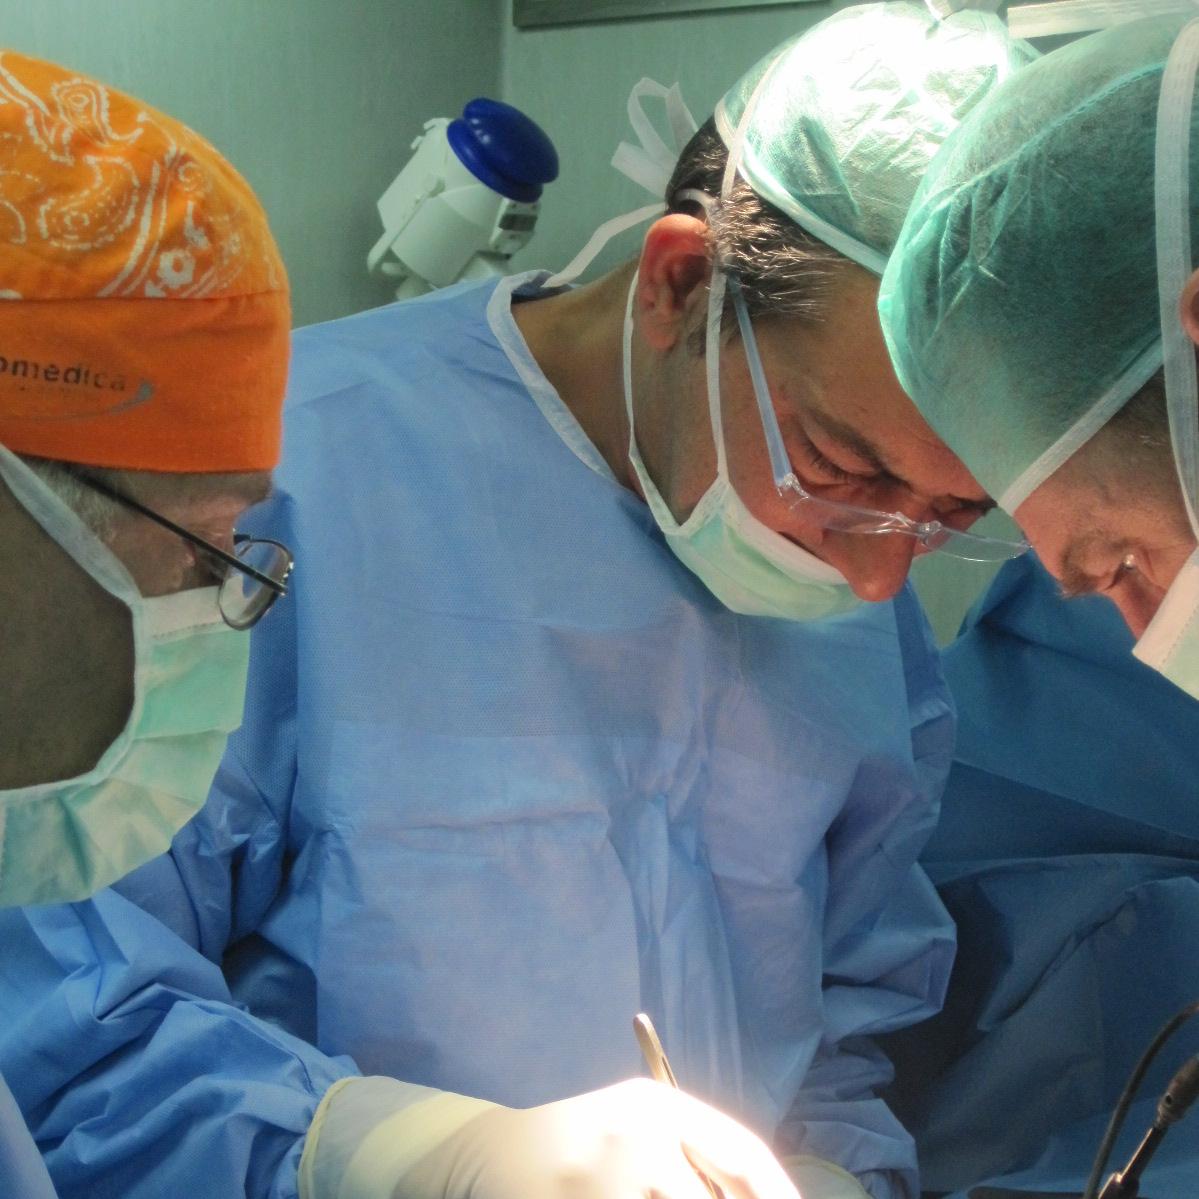 intervento prostata per ritenzione urina